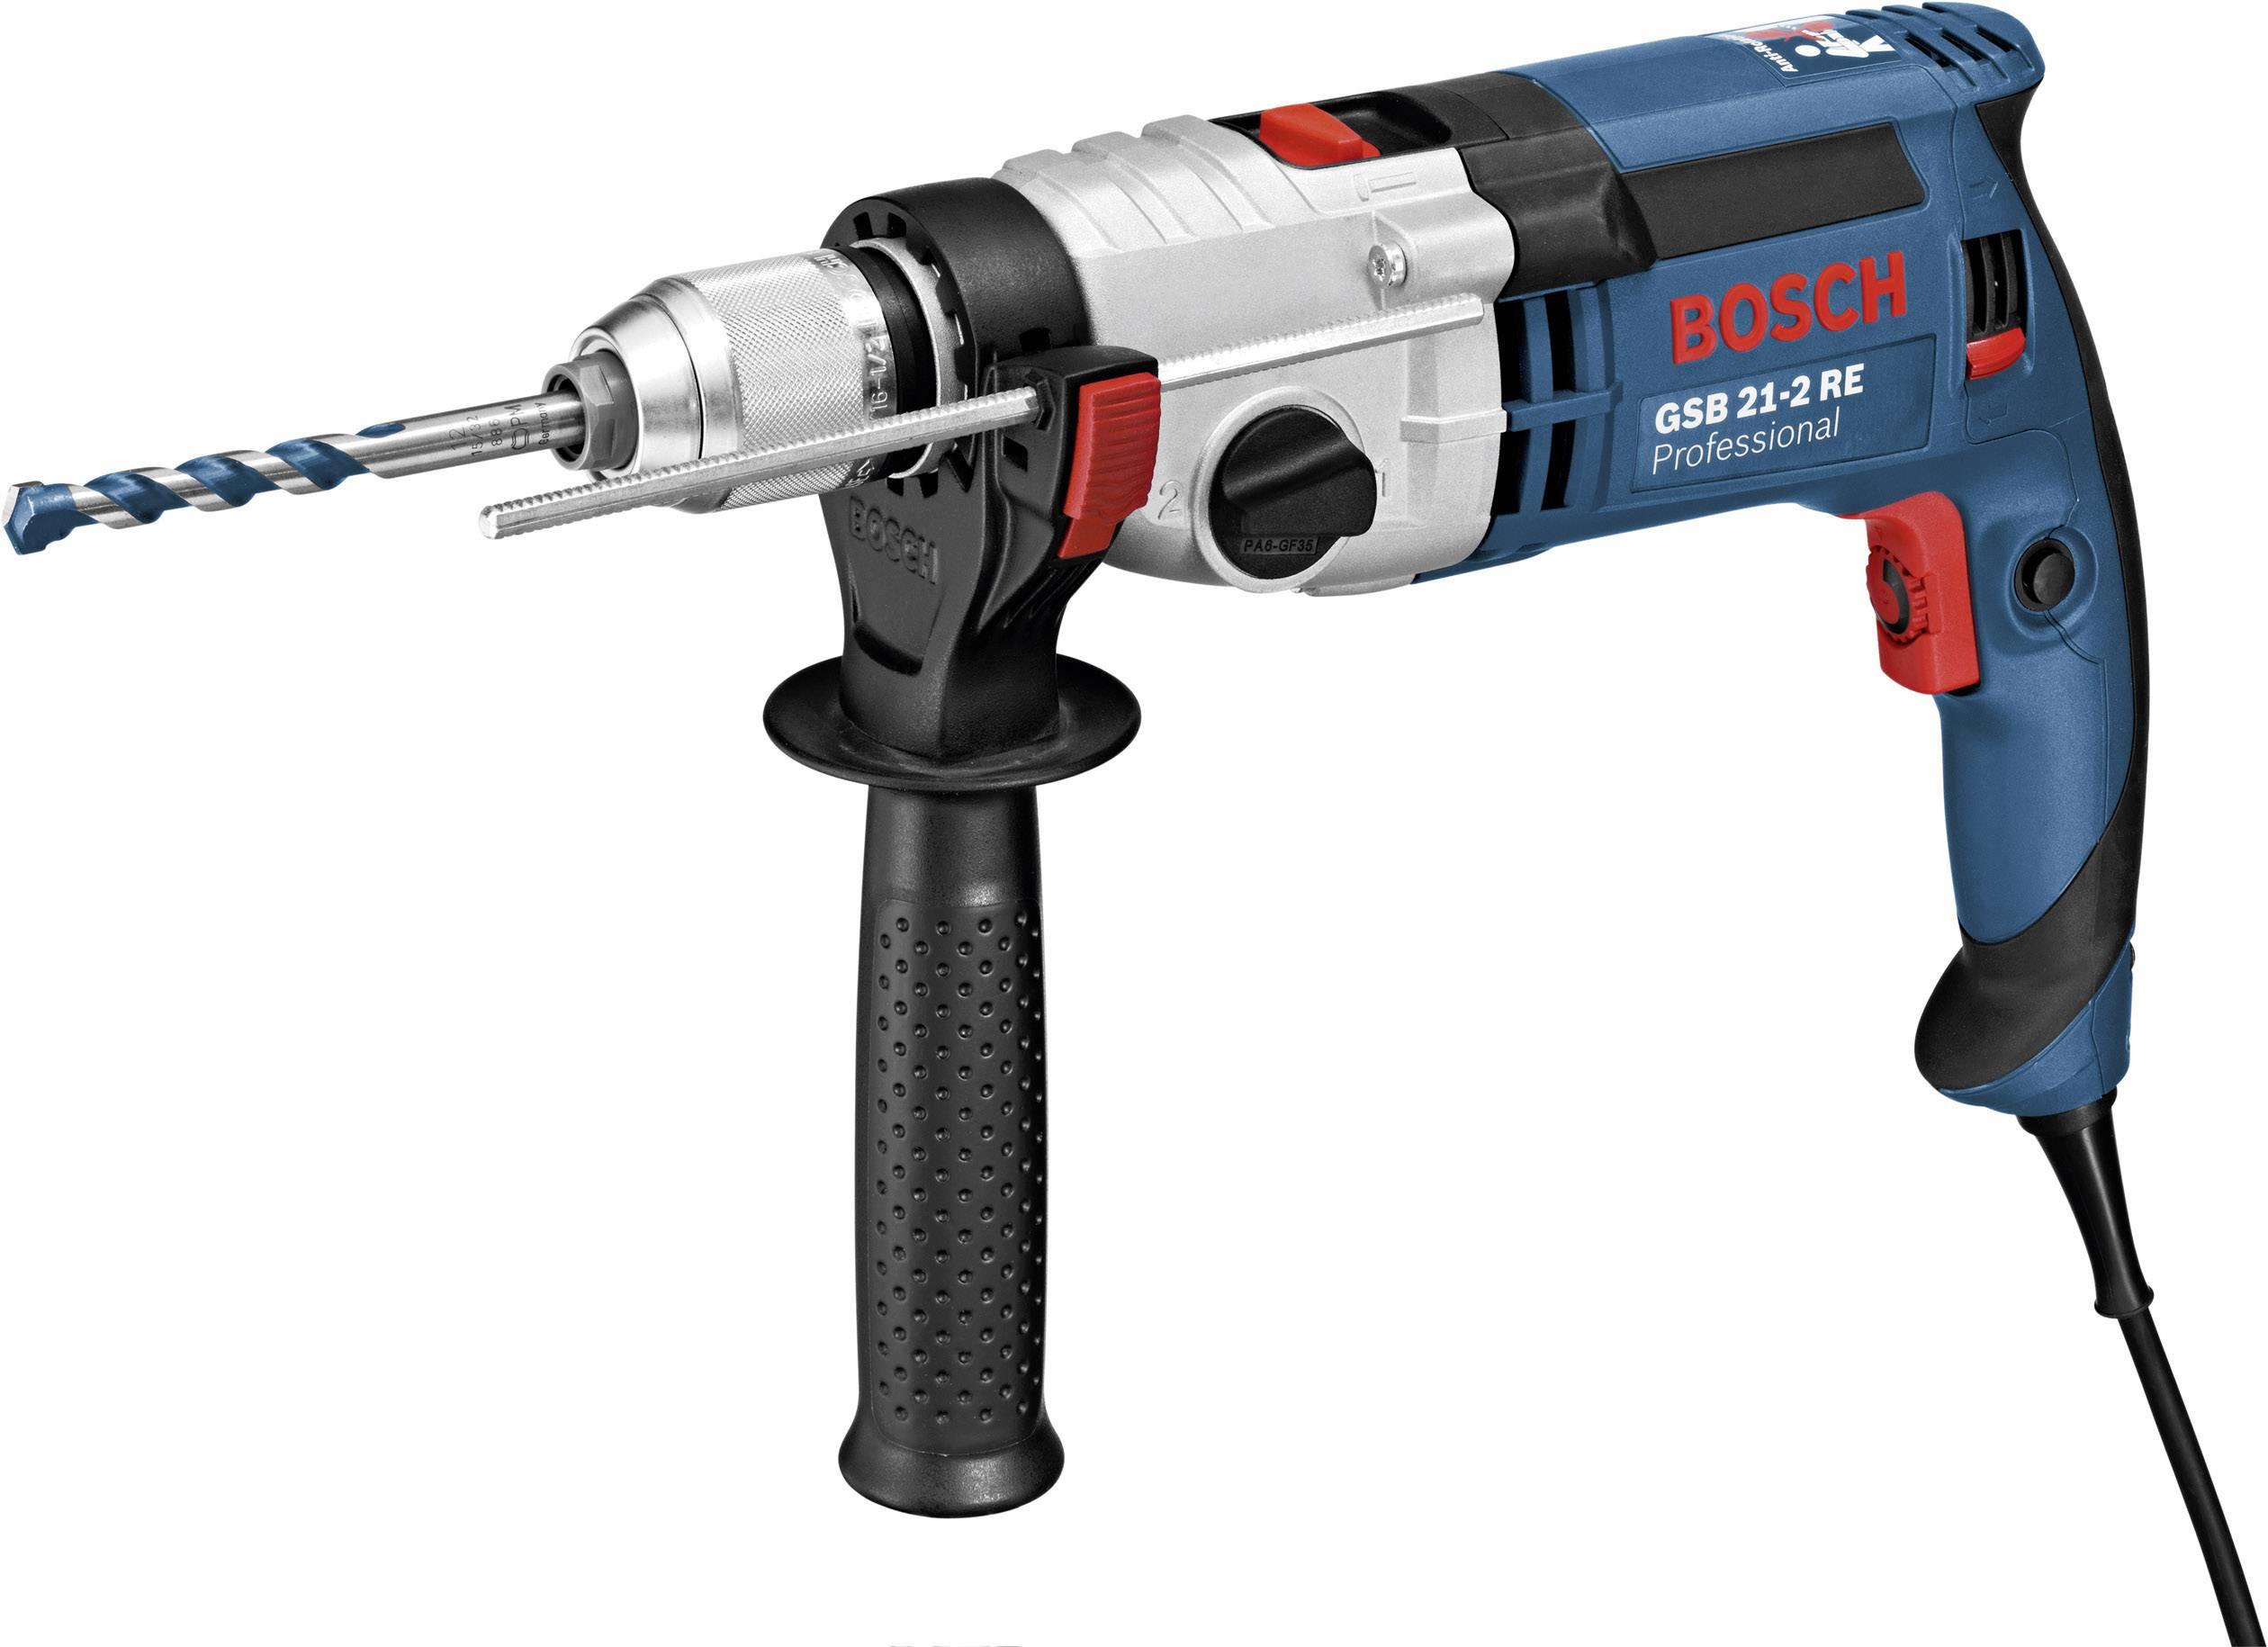 Príklepová vŕtačka Bosch GSB 21-2 RE, L-Boxx 060119C503